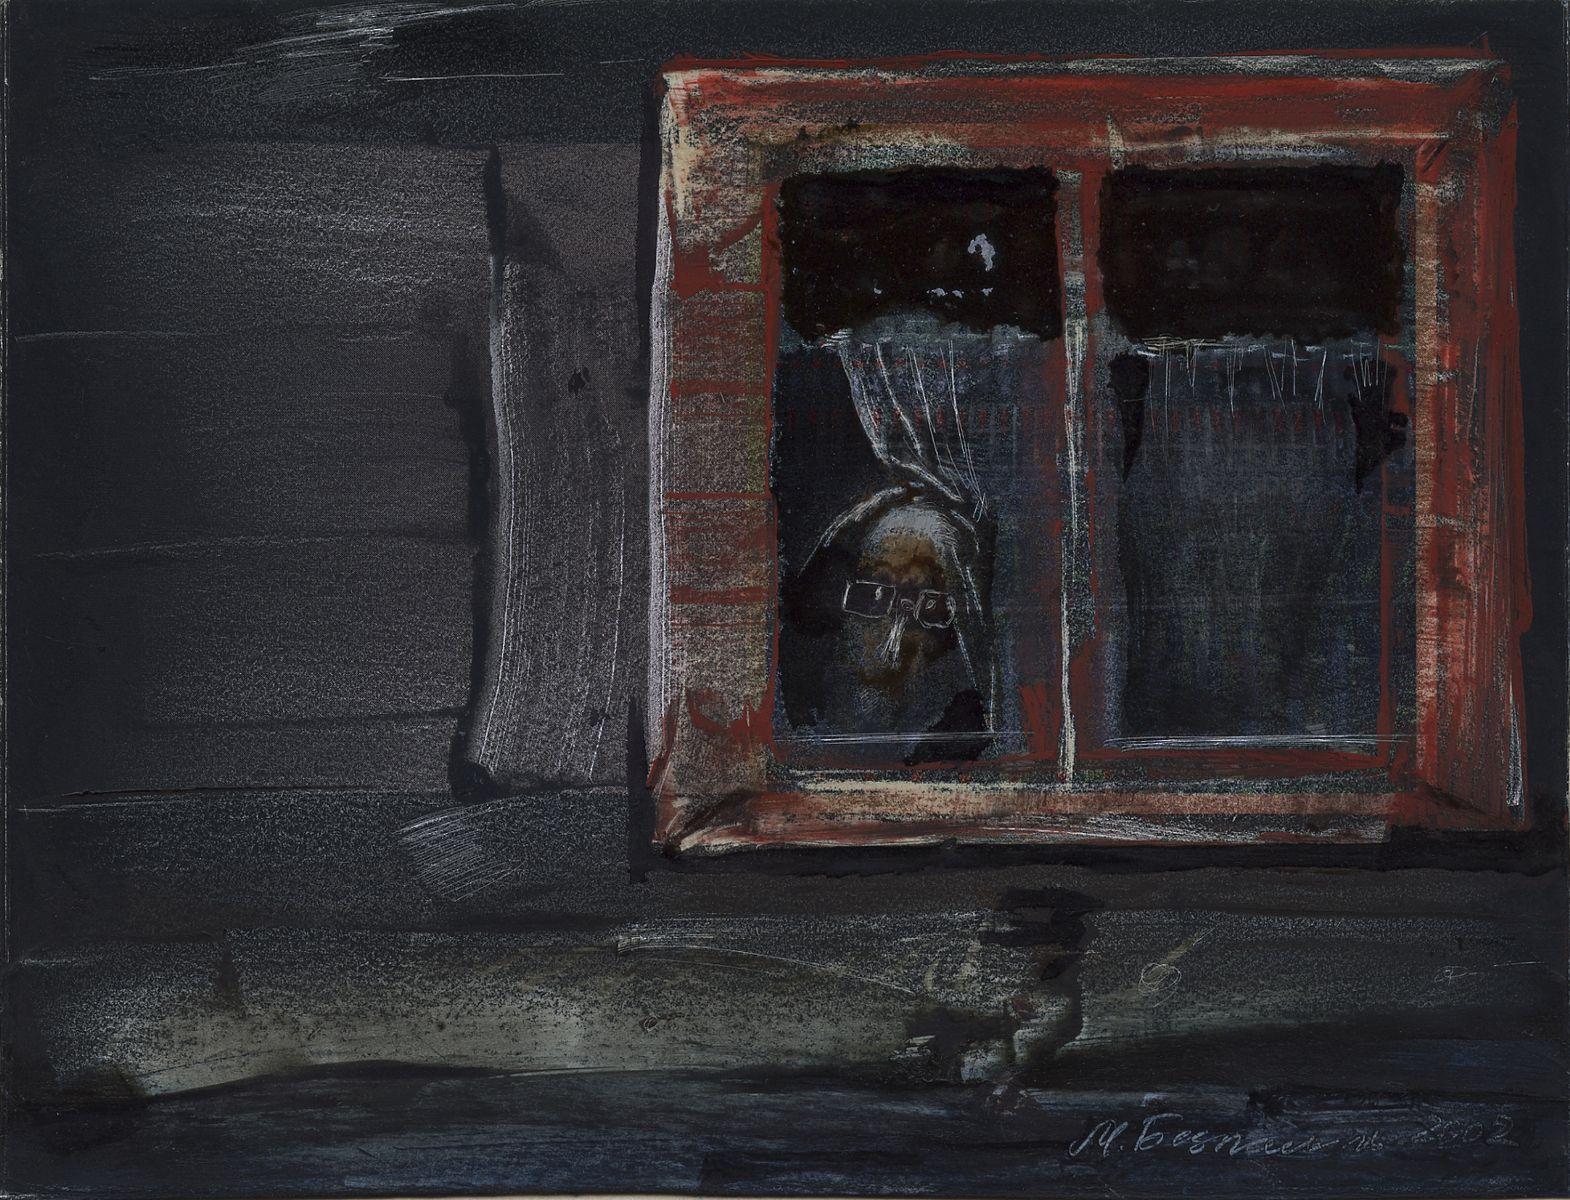 Михайло Безпальків. Бабусене вікно, 2002. Папір, авторська техніка; 11,5х15